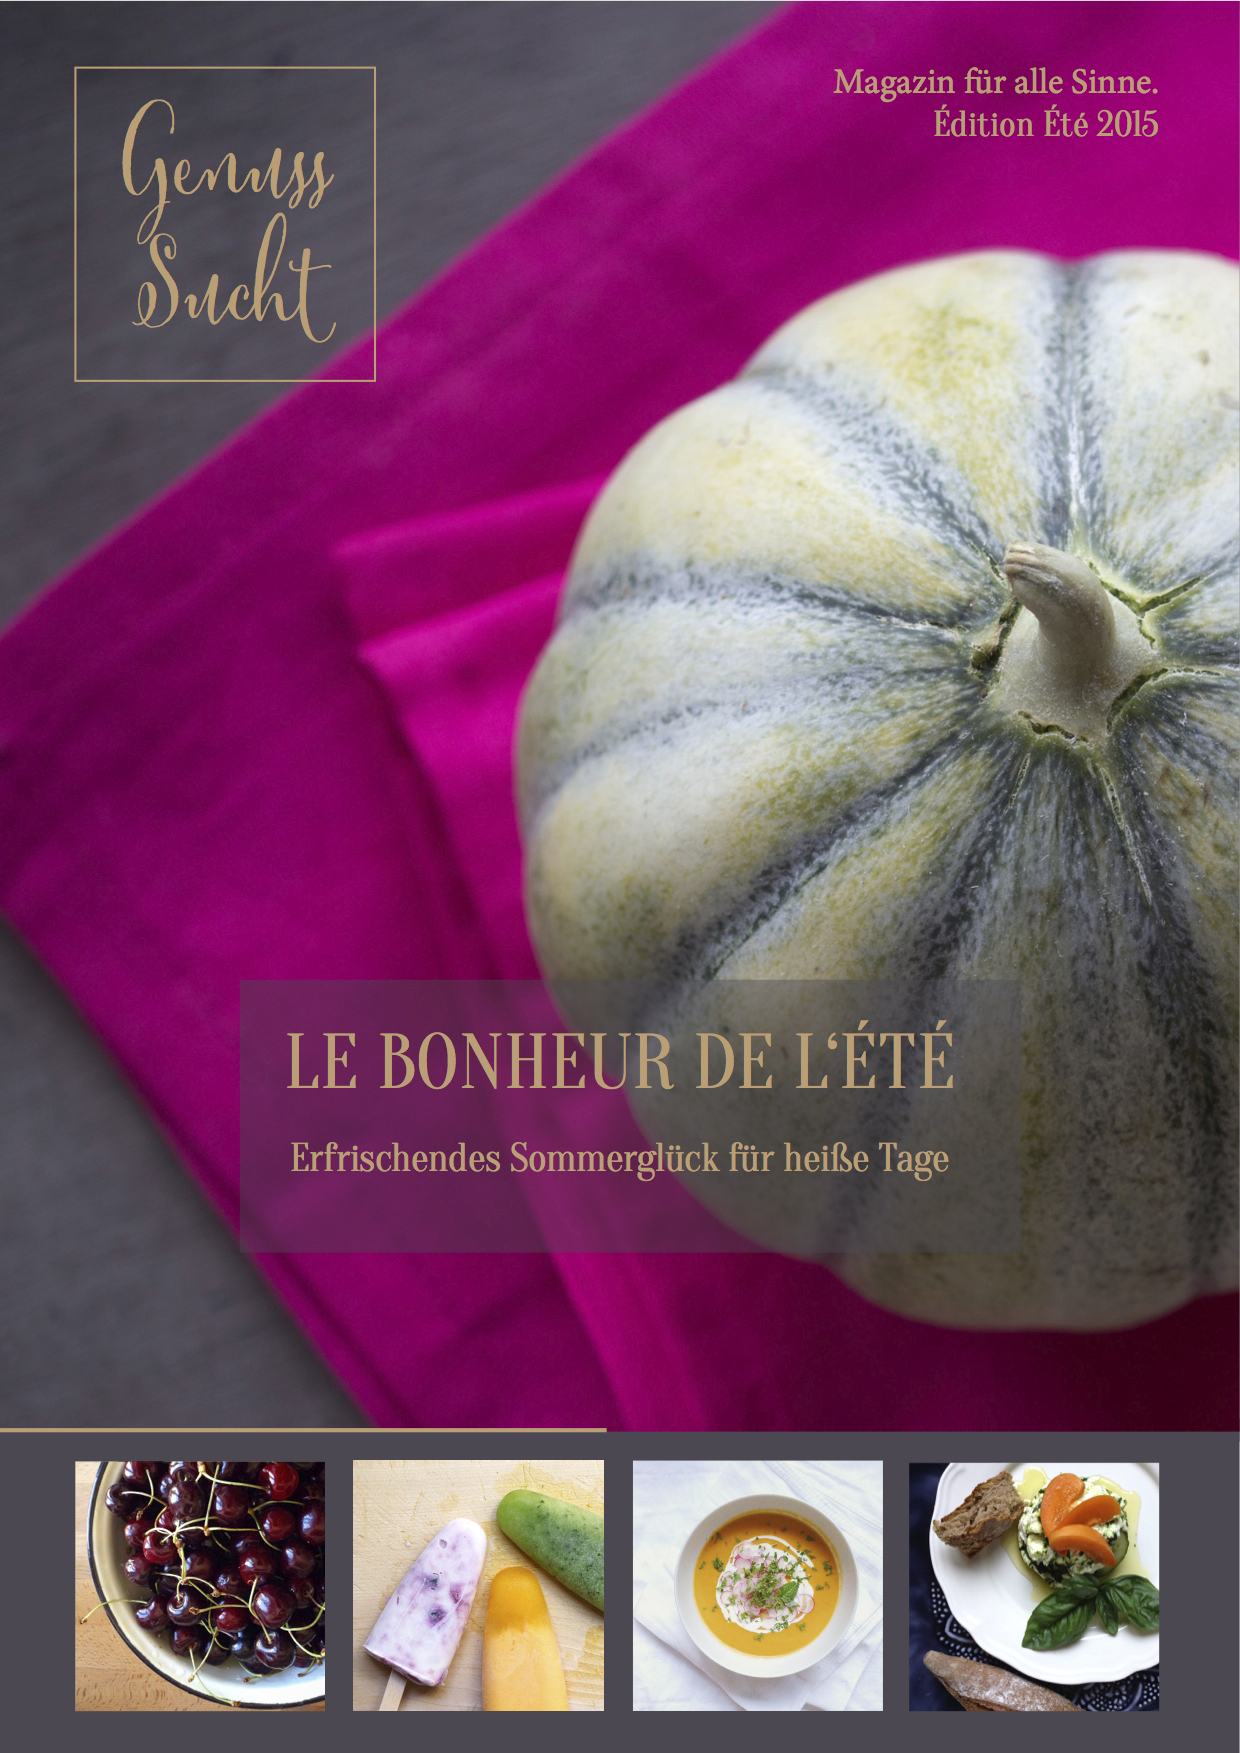 Titel GenussSucht Magazin Édition Été